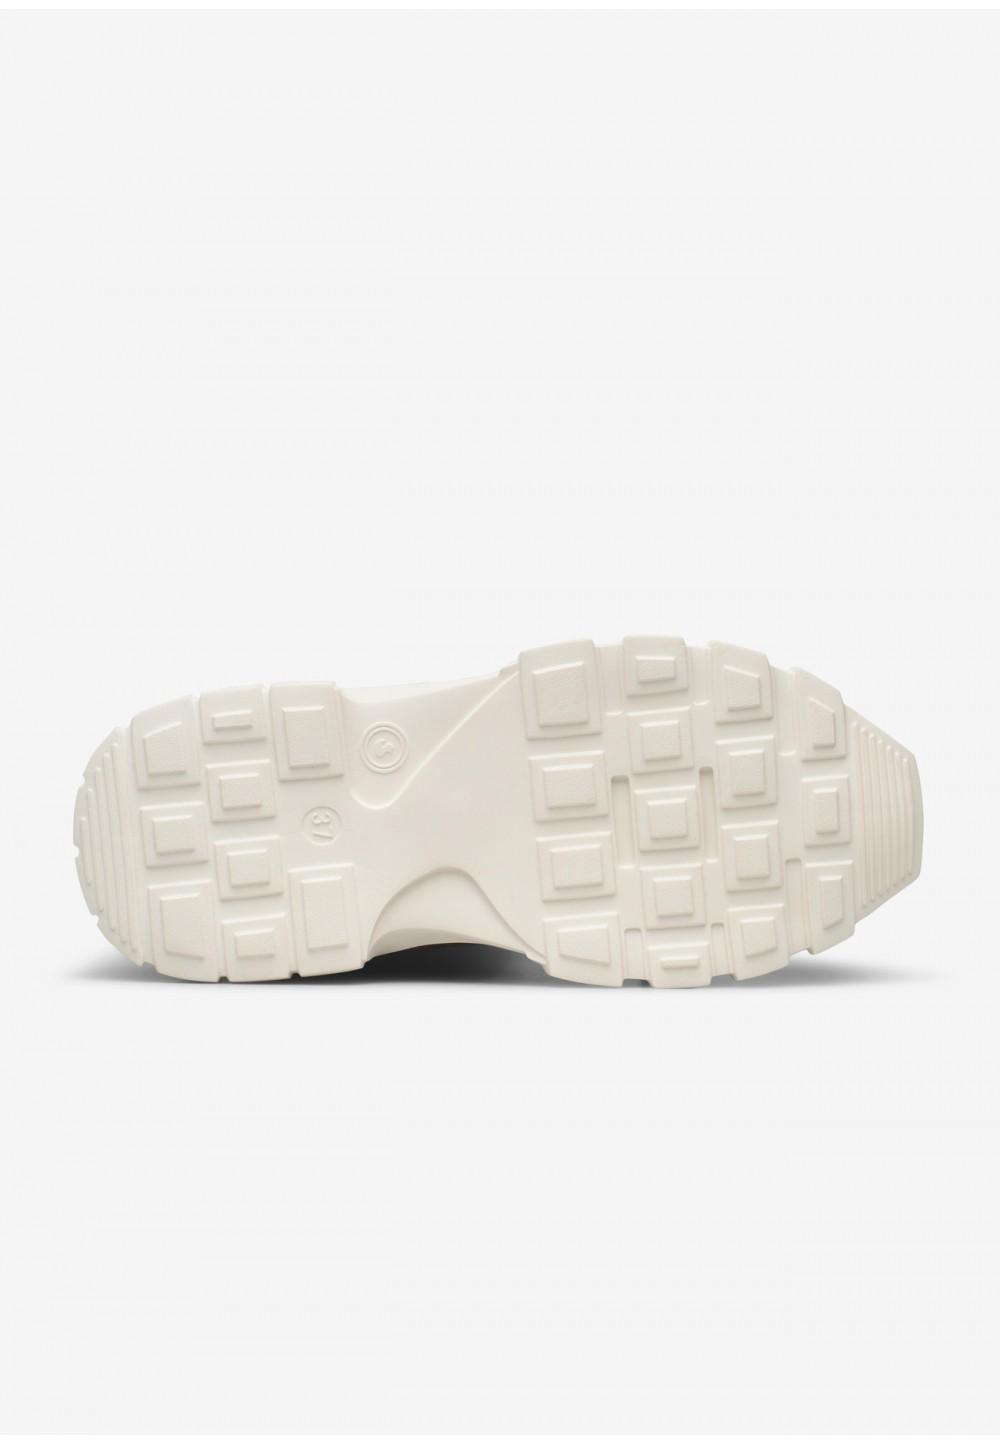 Стильные теплые ботинки Rubber Duck